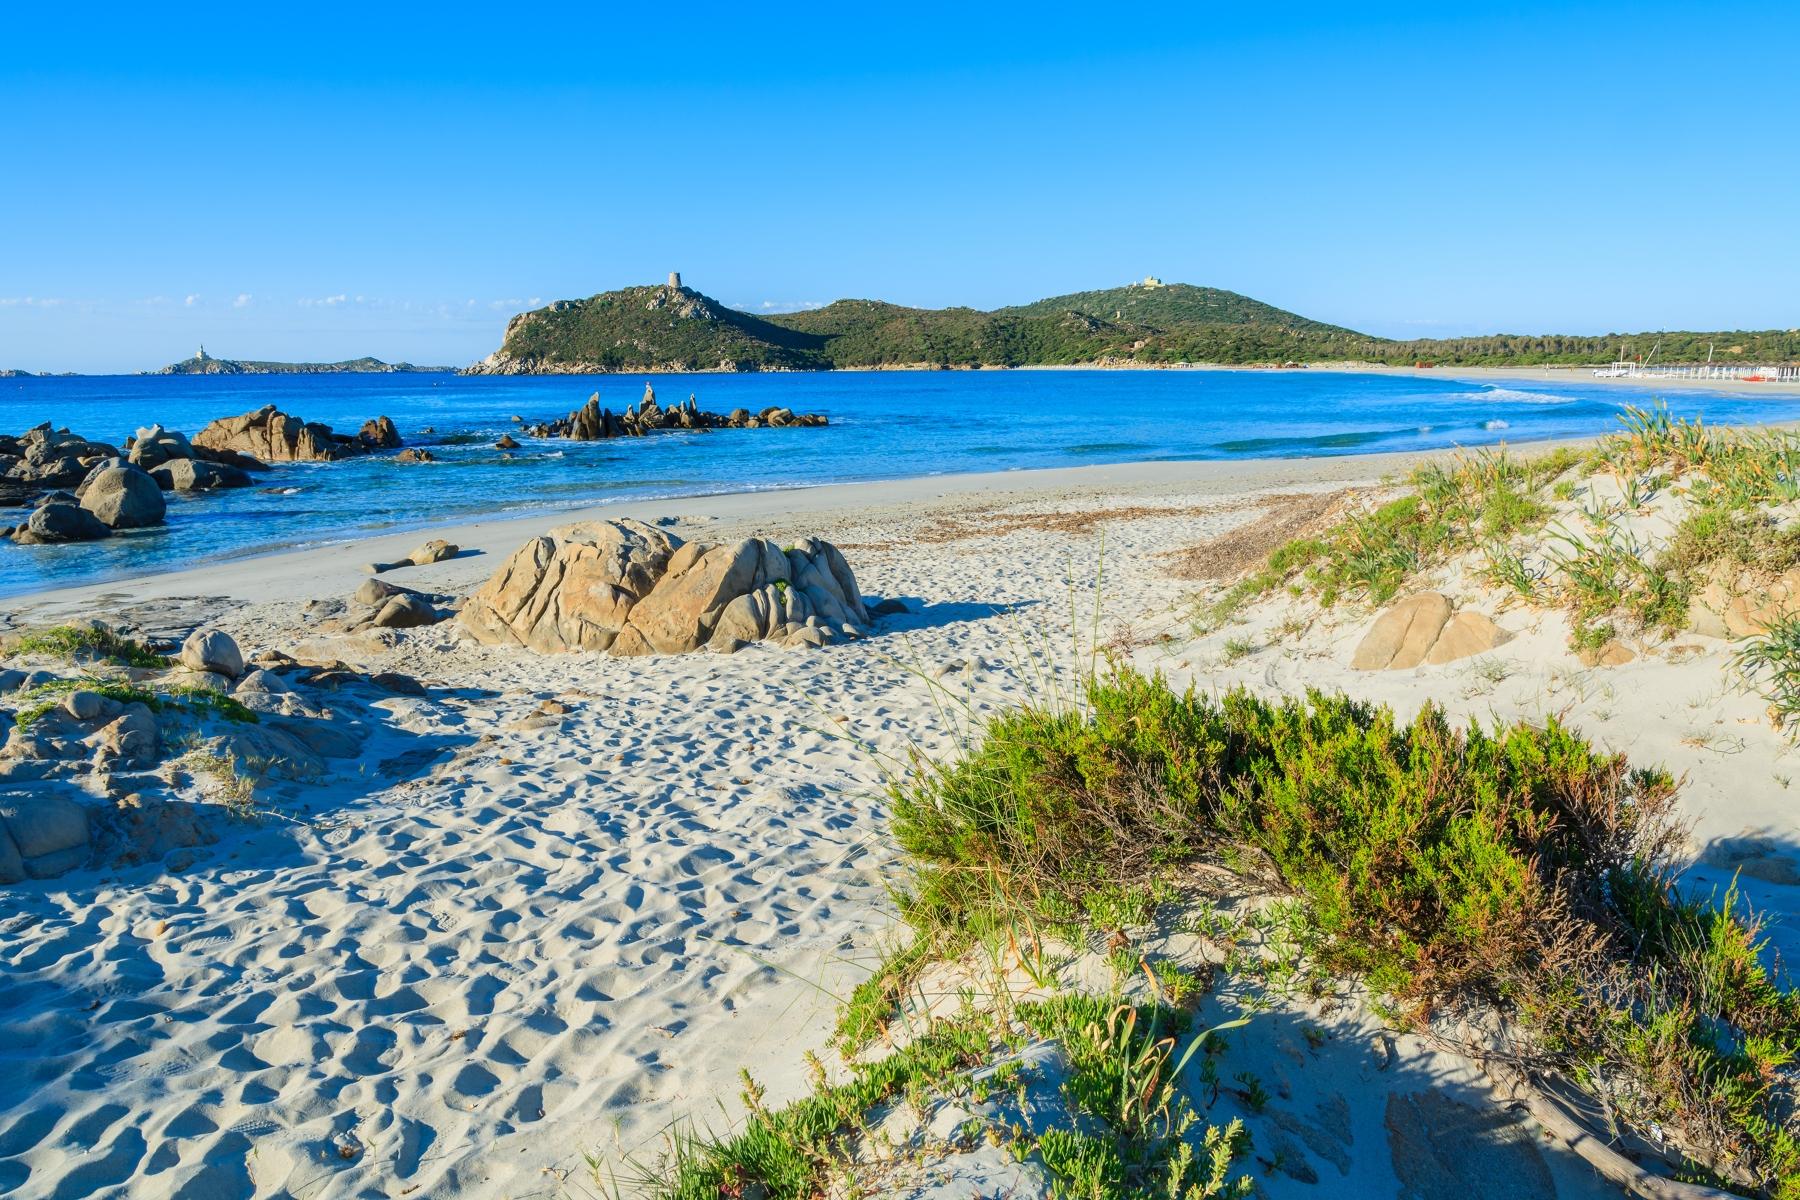 Spiaggia di Porto Giunco   trovaspiagge.it, portale delle spiagge ...